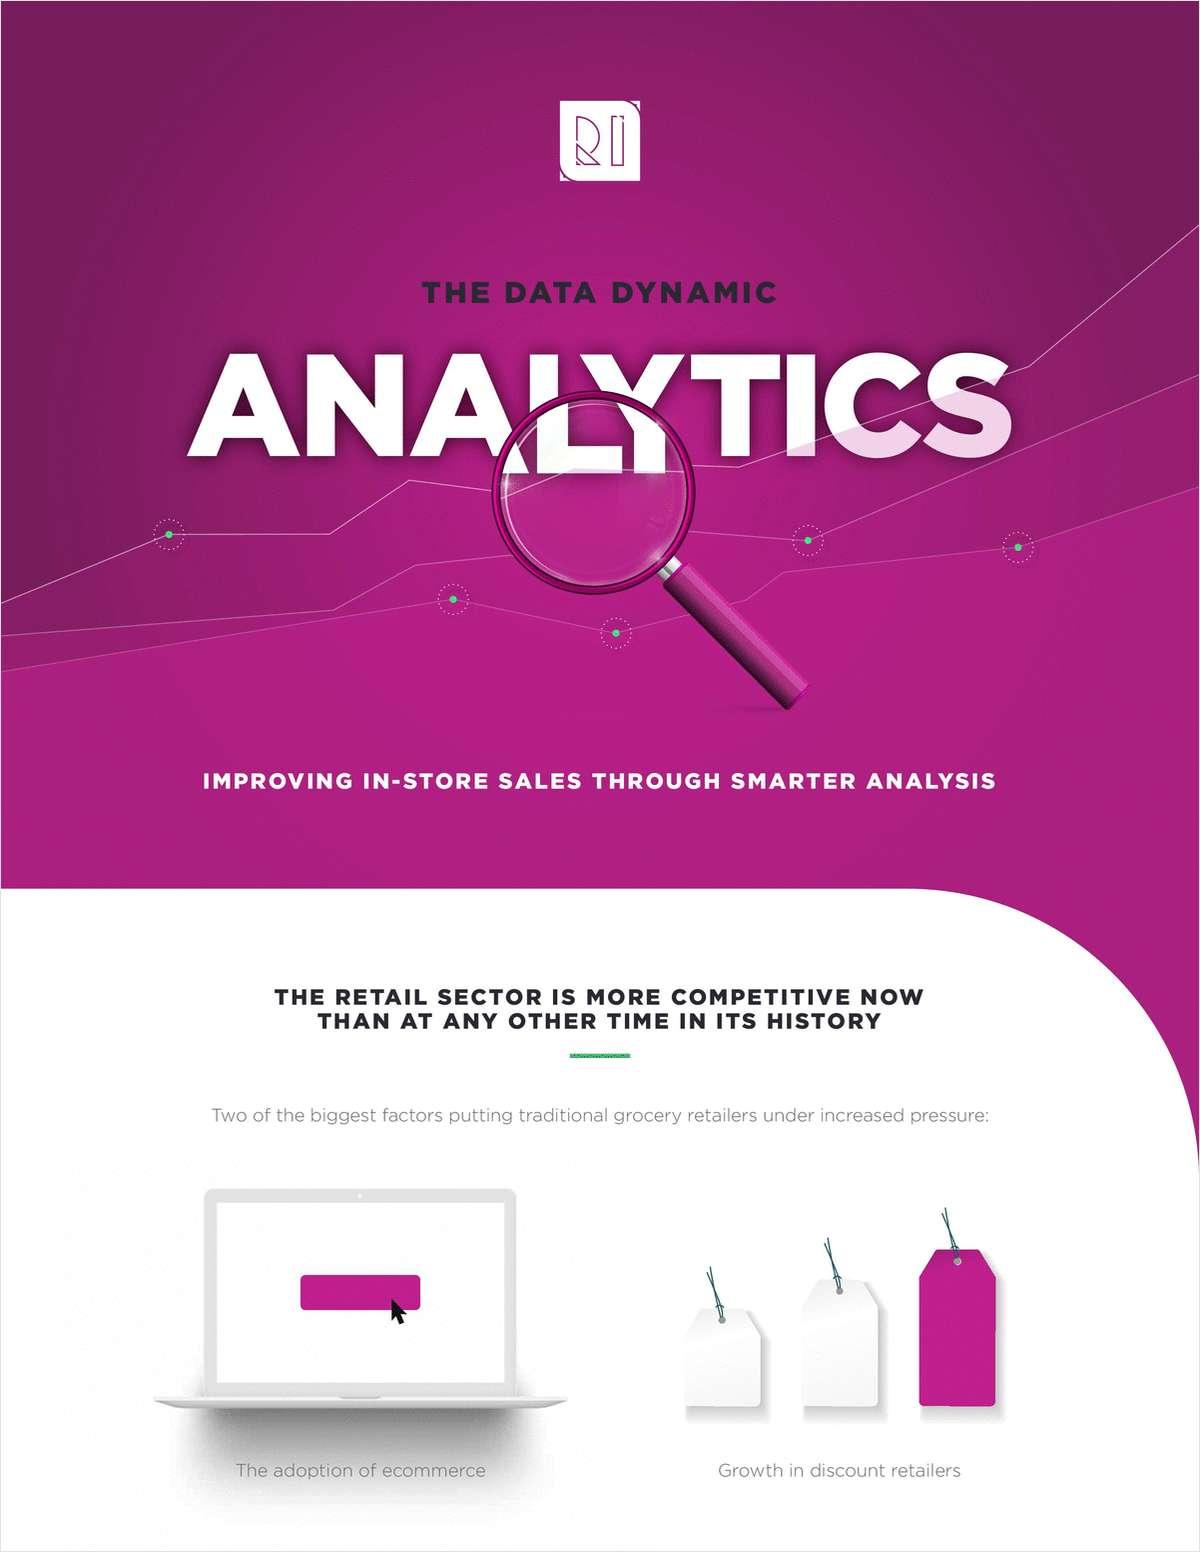 The Data Dynamic Analytics